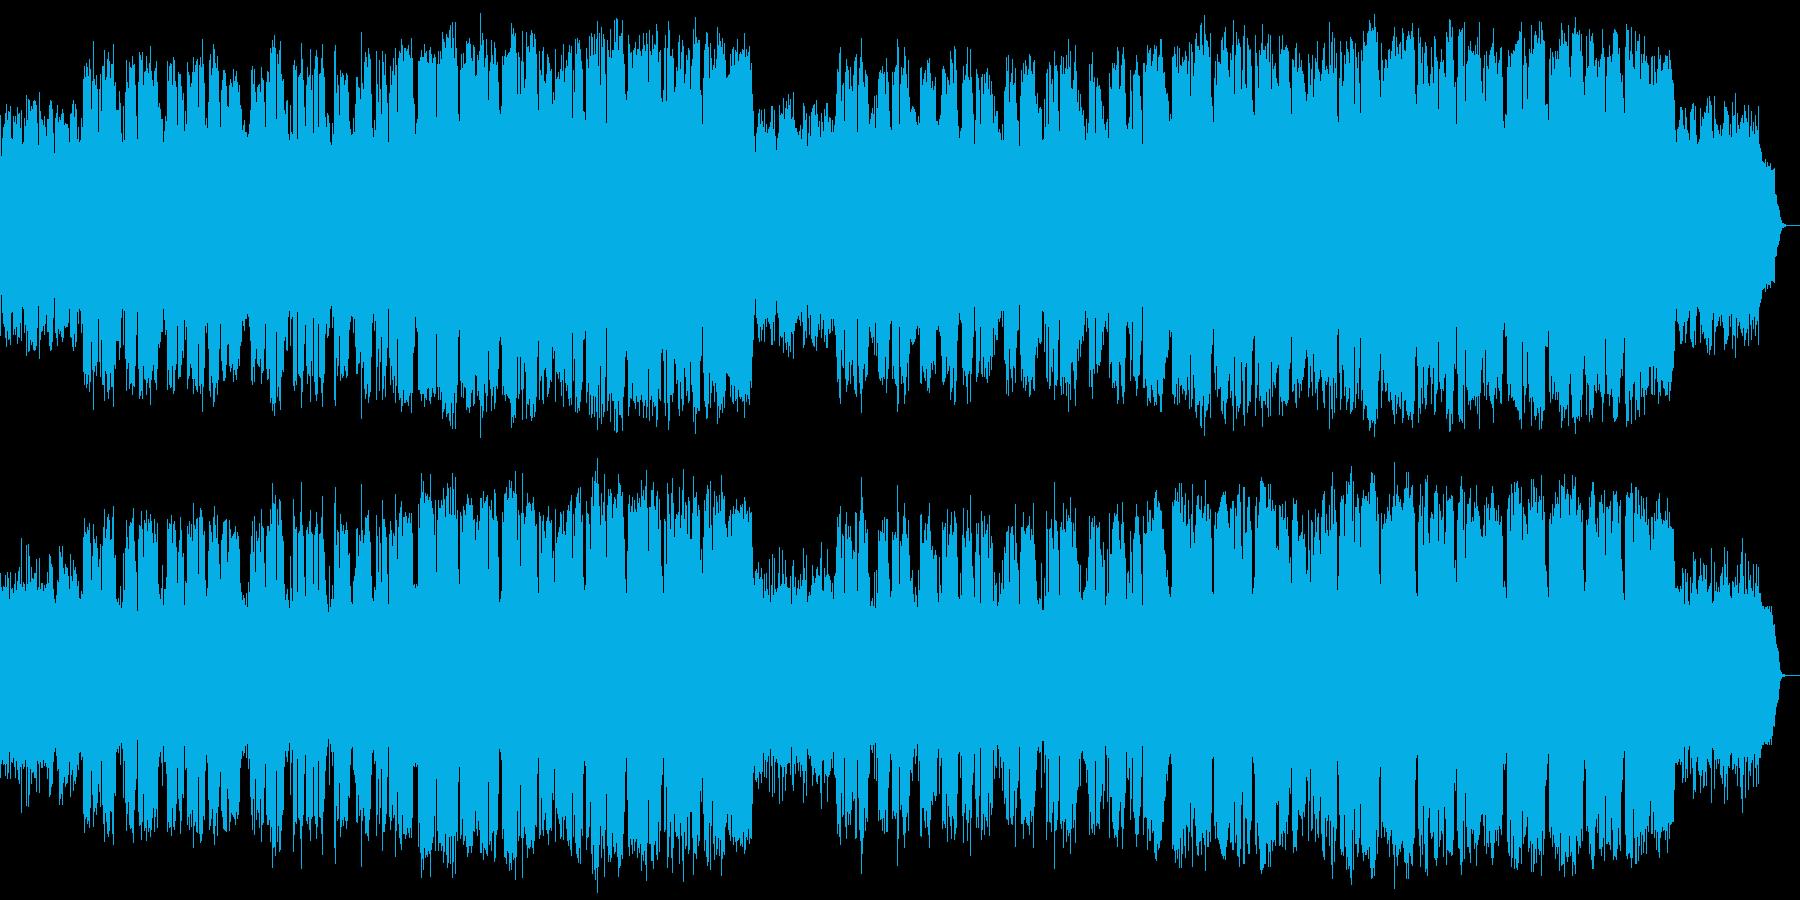 ドラマの主題歌に適す 冬の海の映像浮かぶの再生済みの波形